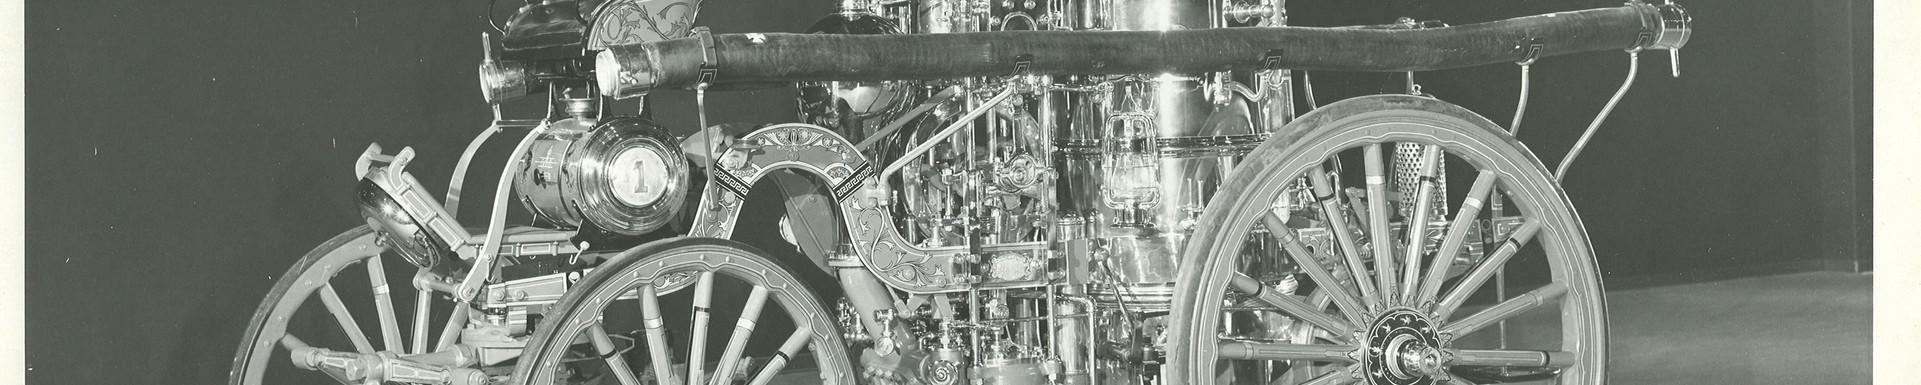 Steam Pumper 1901.JPG